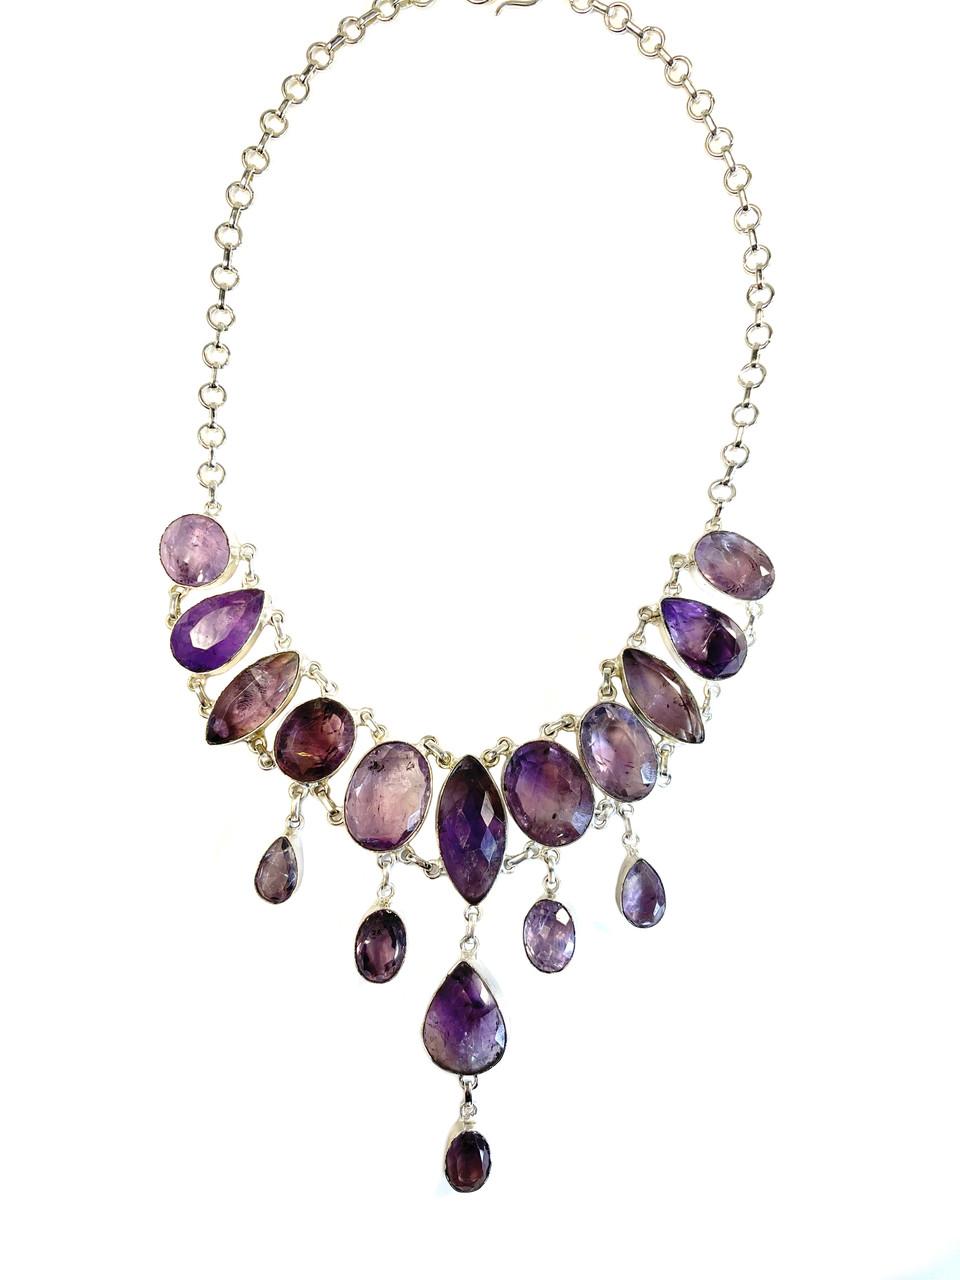 Elegant Faceted Amethyst Necklace